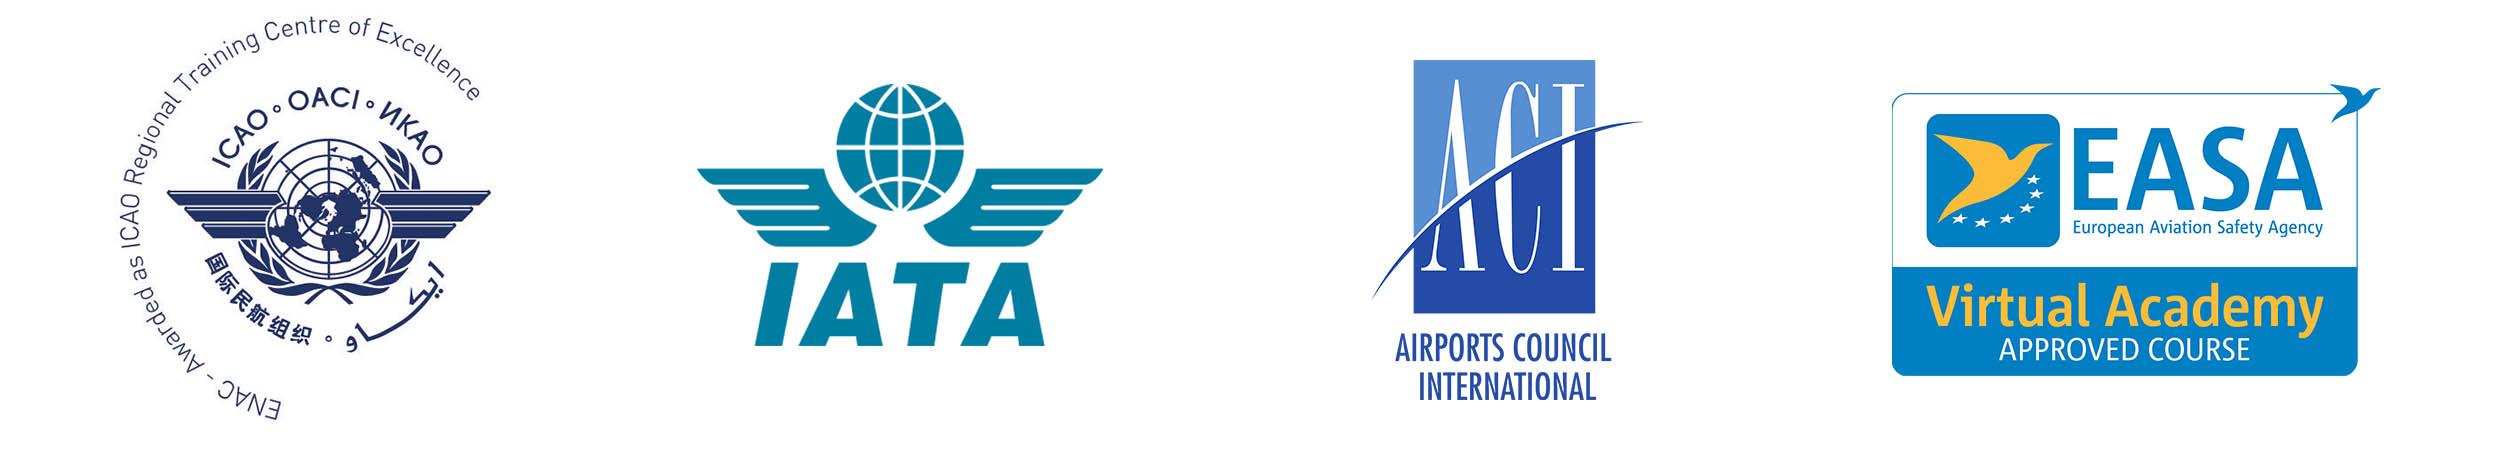 OACI - EASA - IATA - ACI